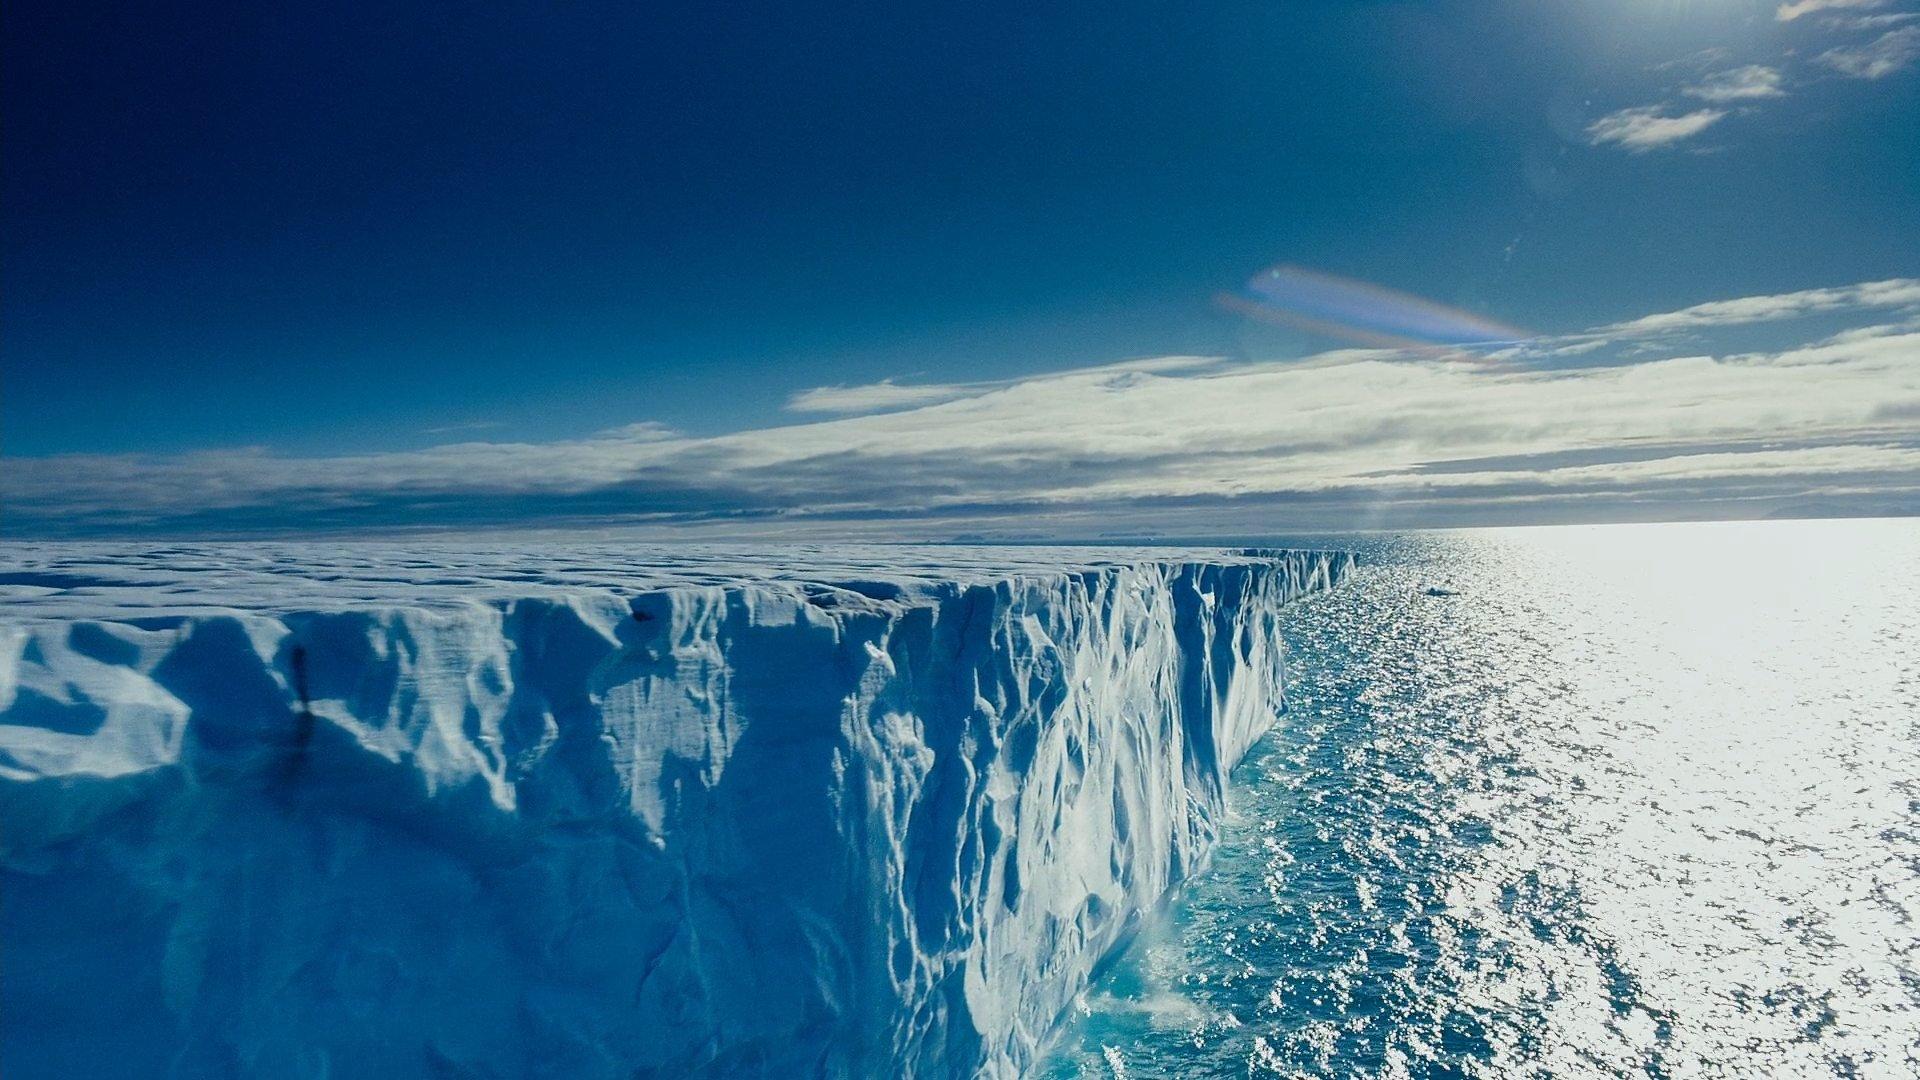 Ученые выявили огромное озеро подо льдами Антарктиды